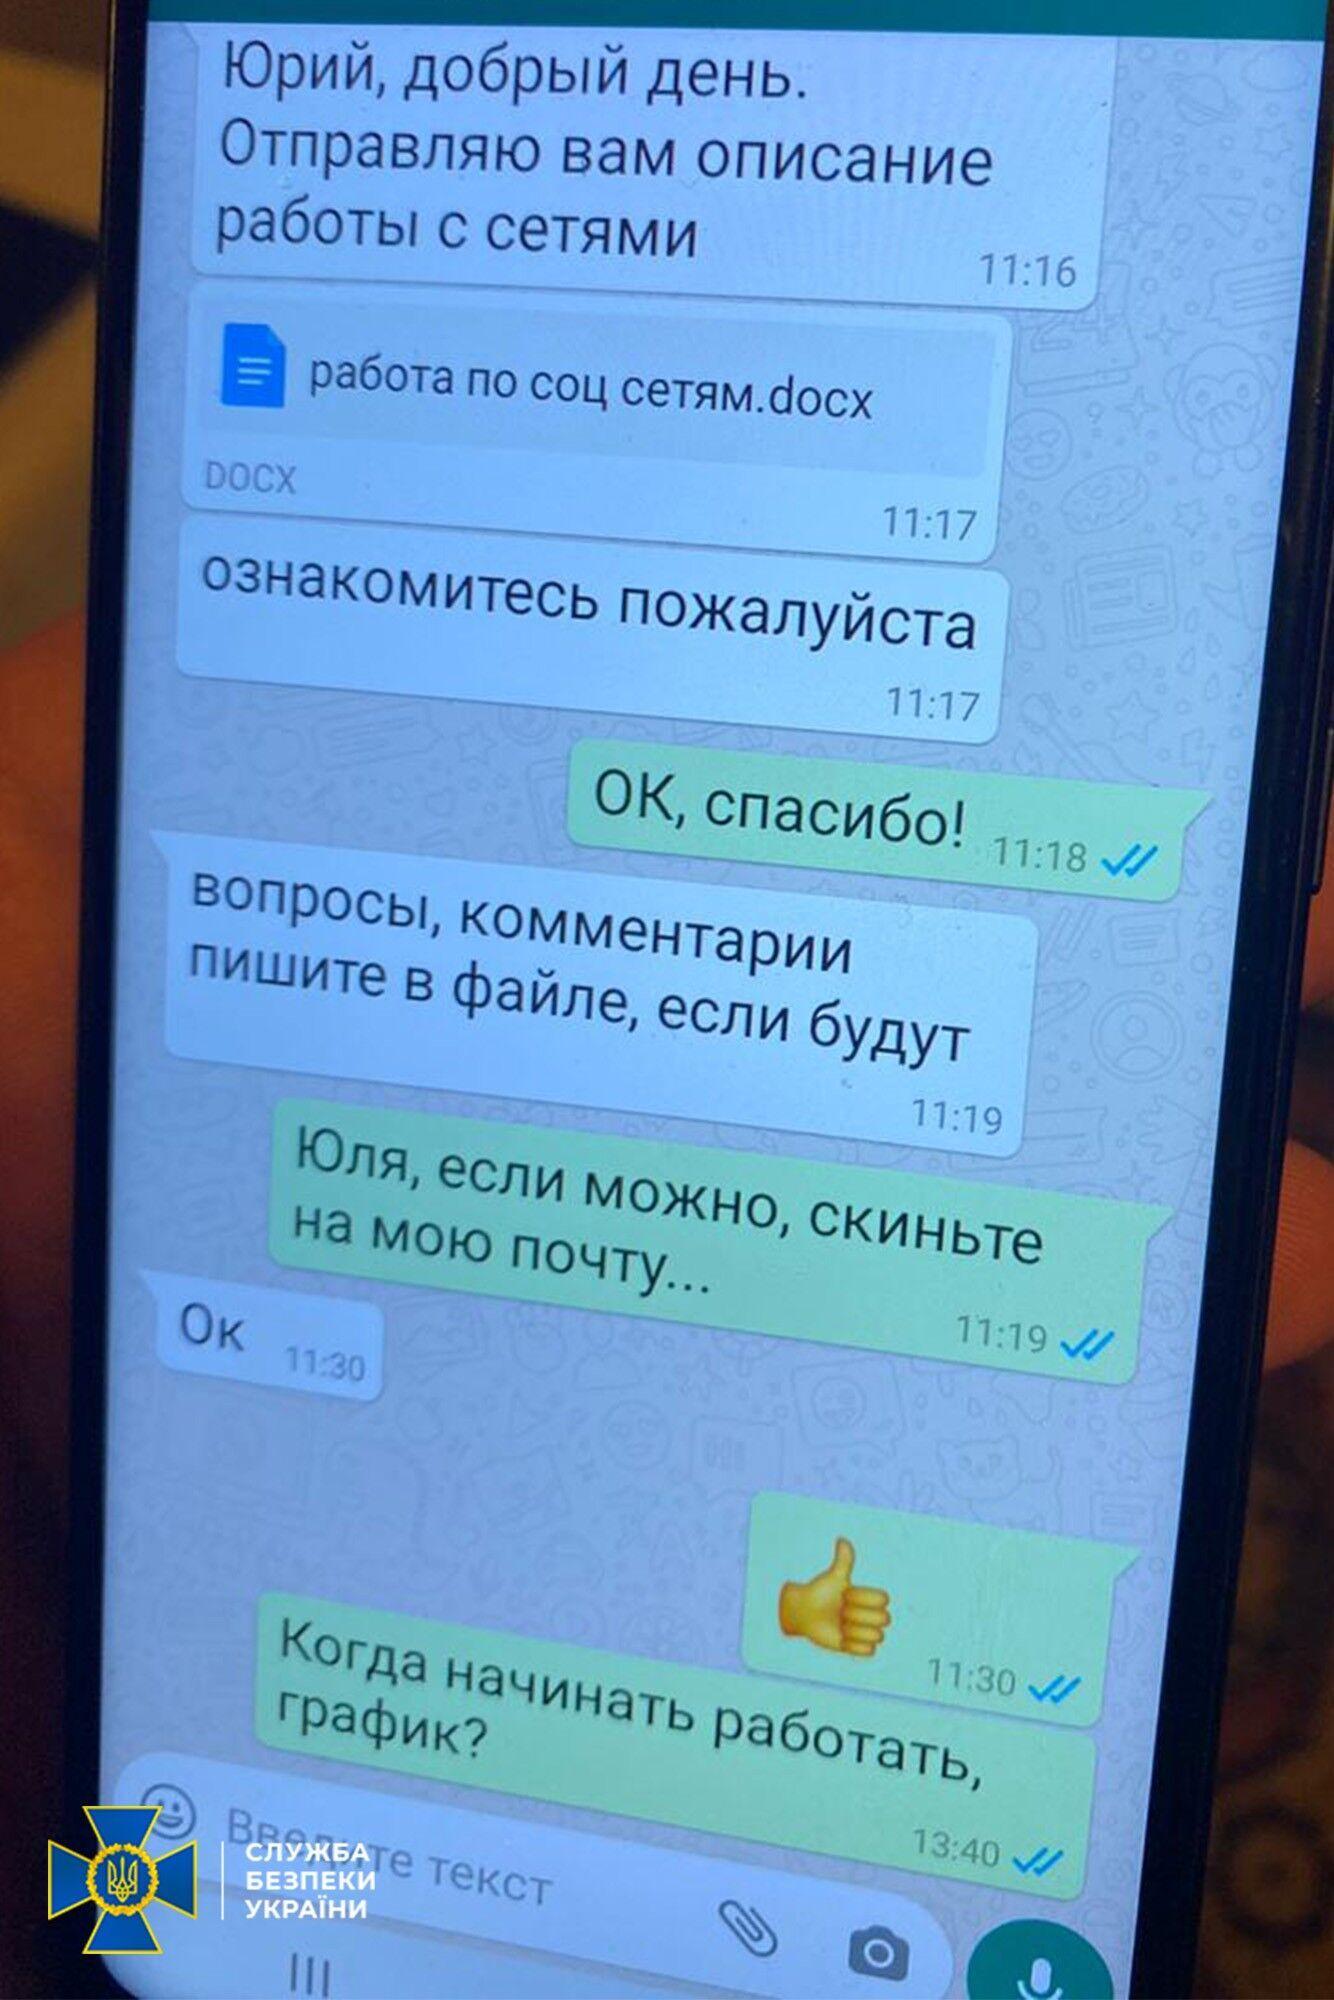 Переписка с кураторами из РФ.